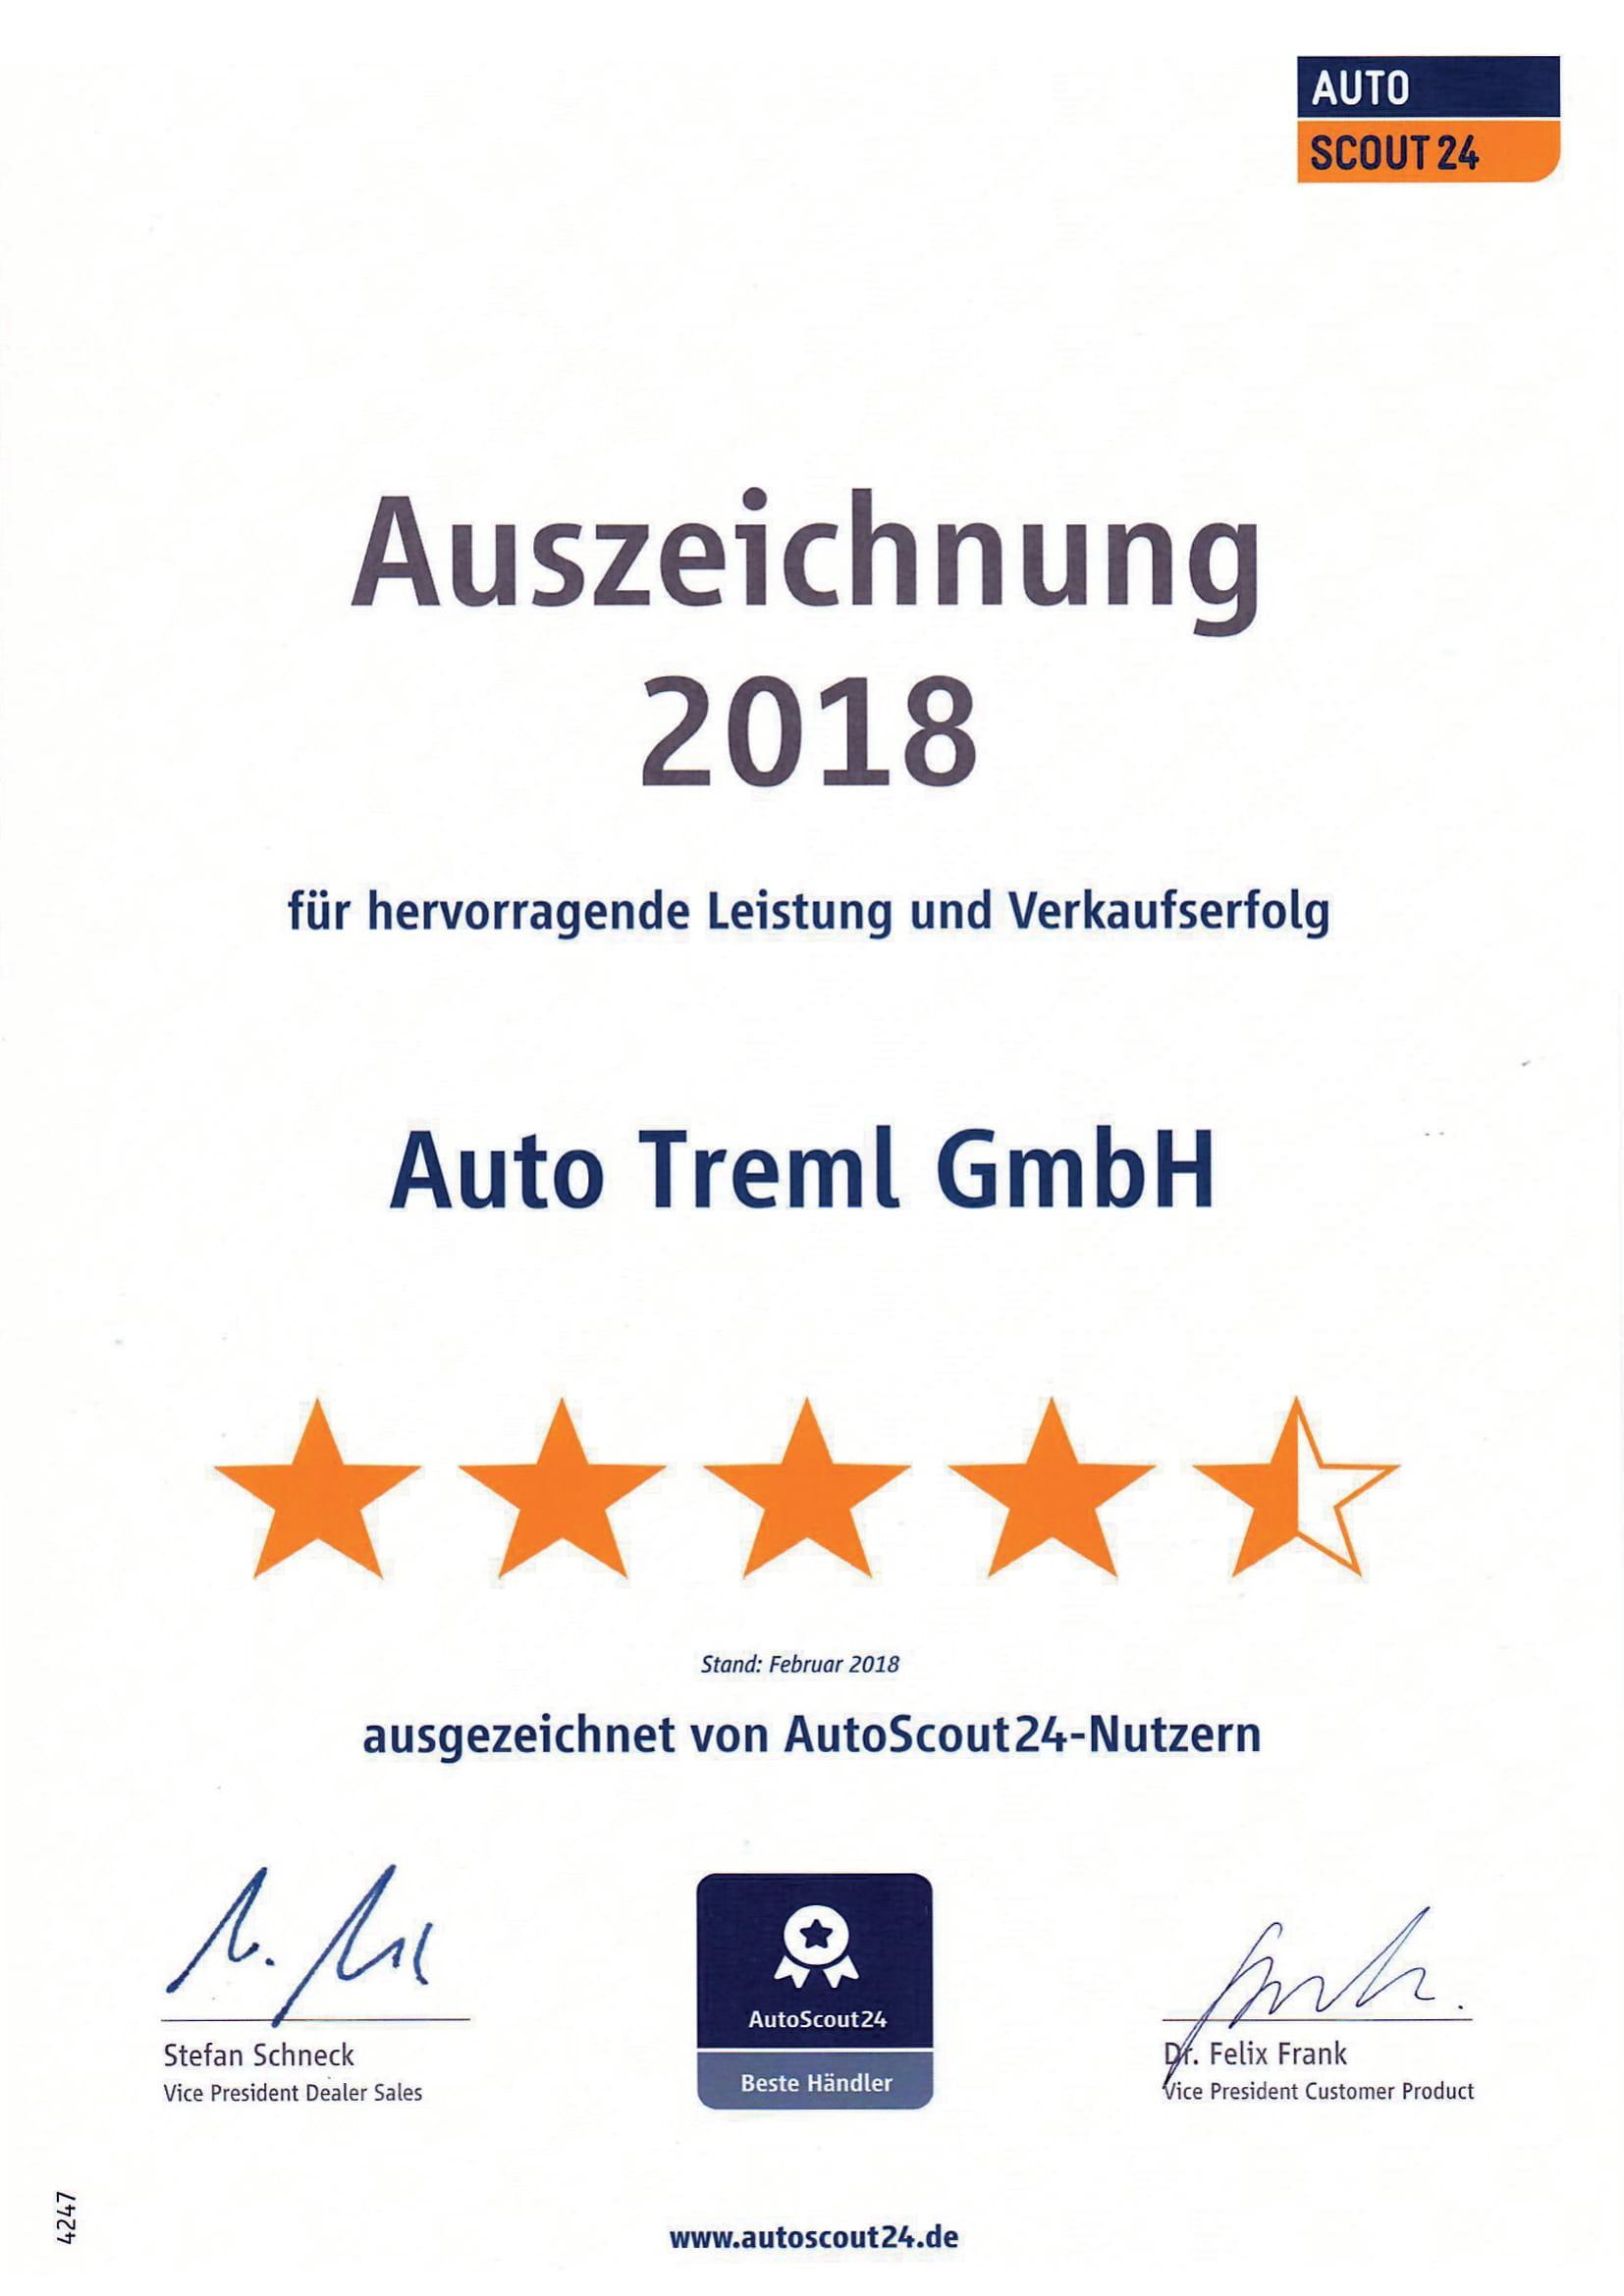 Auszeichnung Auto Treml GmbH autoscout24-Nutzer 2018